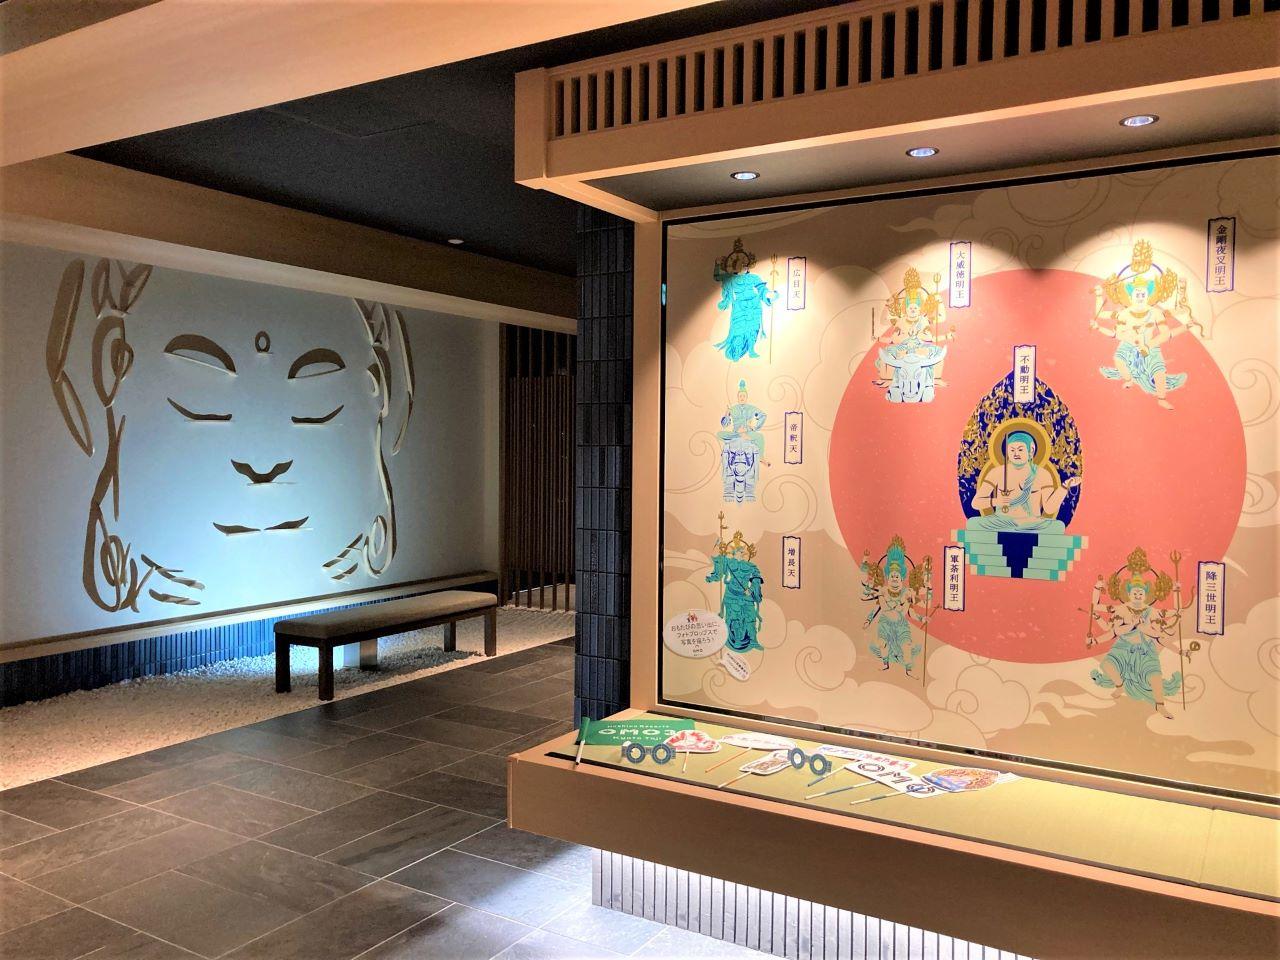 【星野リゾート OMO3京都東寺 宿泊ルポ 前編】歴史を学べる癒やしのスペースで快適に過ごす旅 画像1